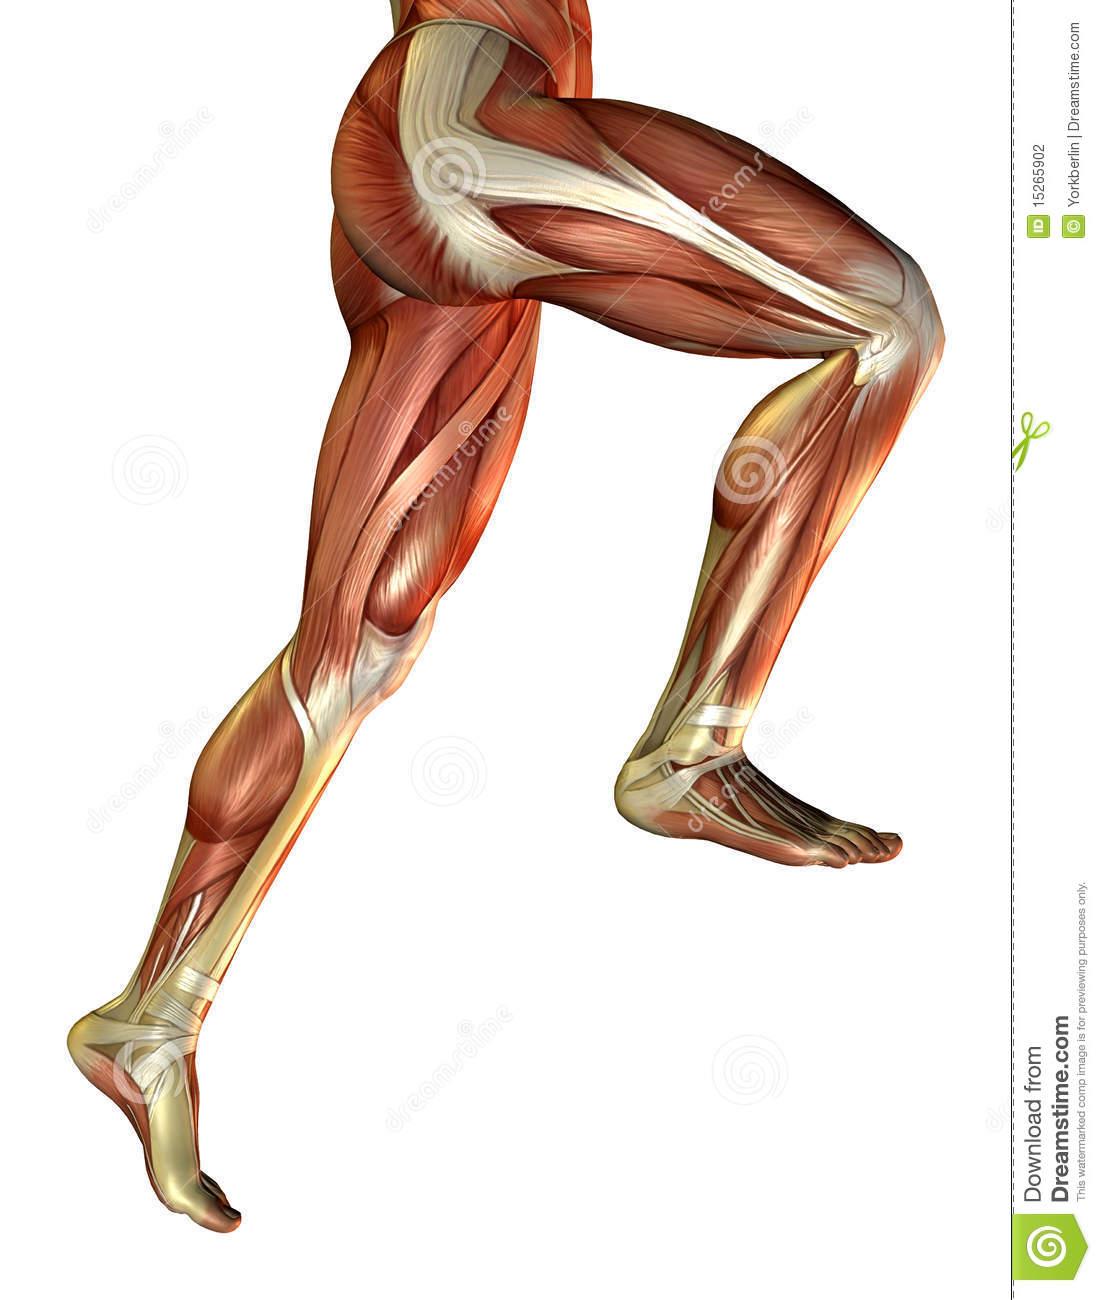 Legs clipart muscular Clipart Muscle Clipart Leg Muscle